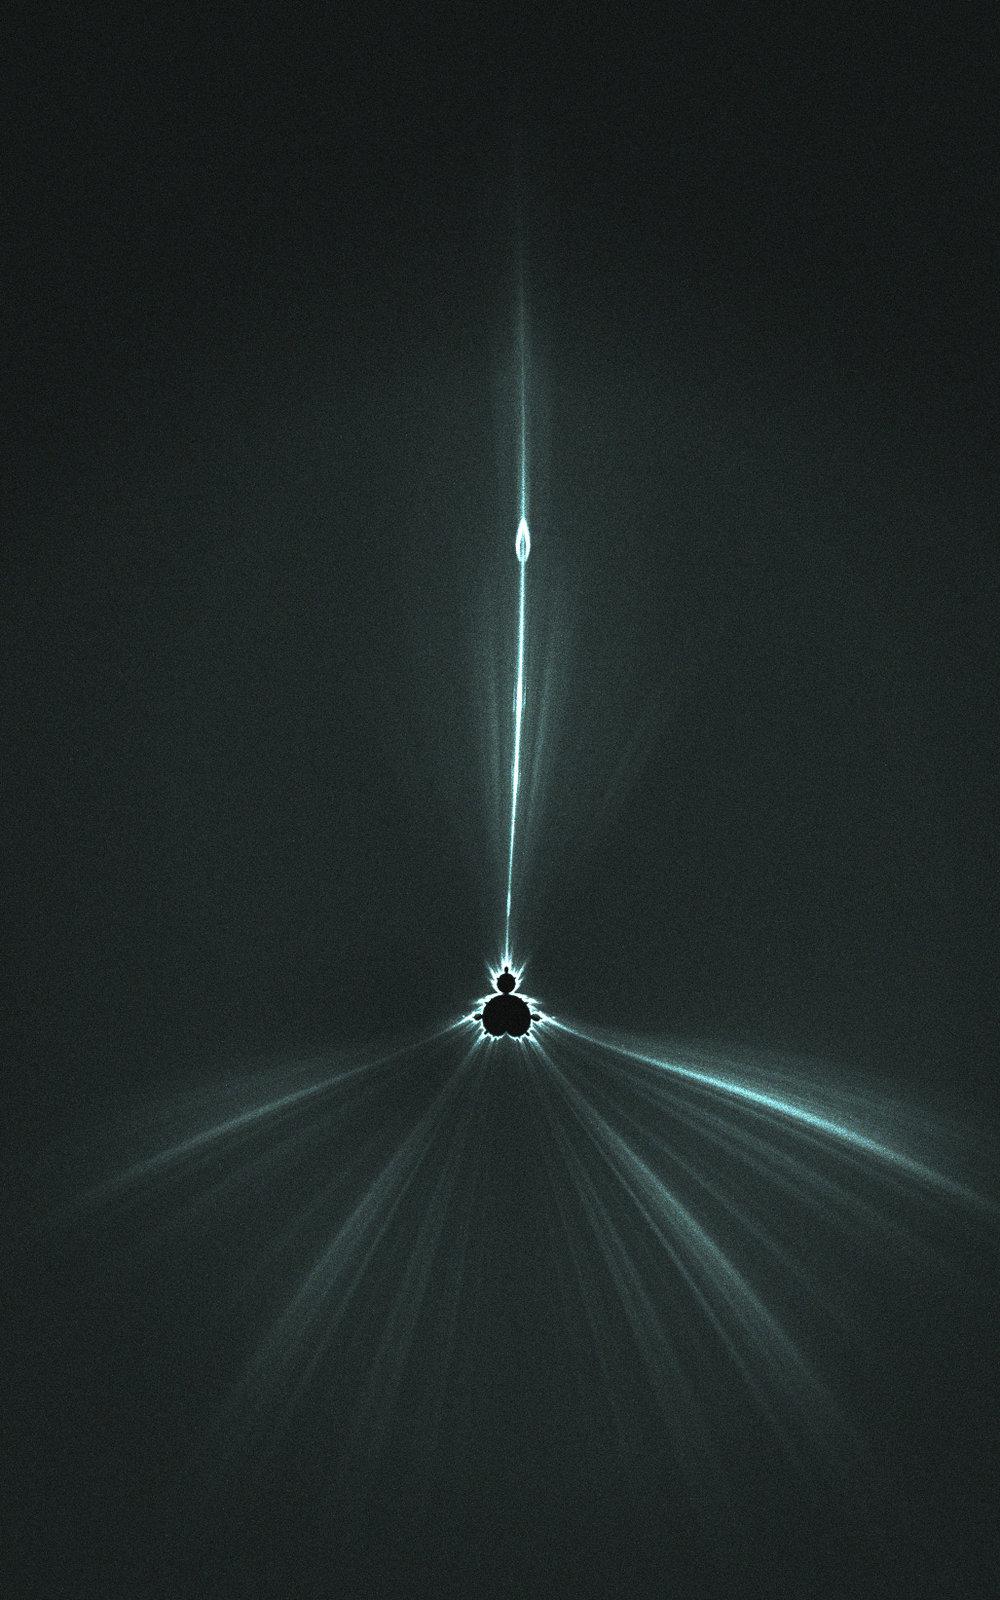 Fractal_Power_002_Serjan_Burlak_Biogenic-Design.jpg